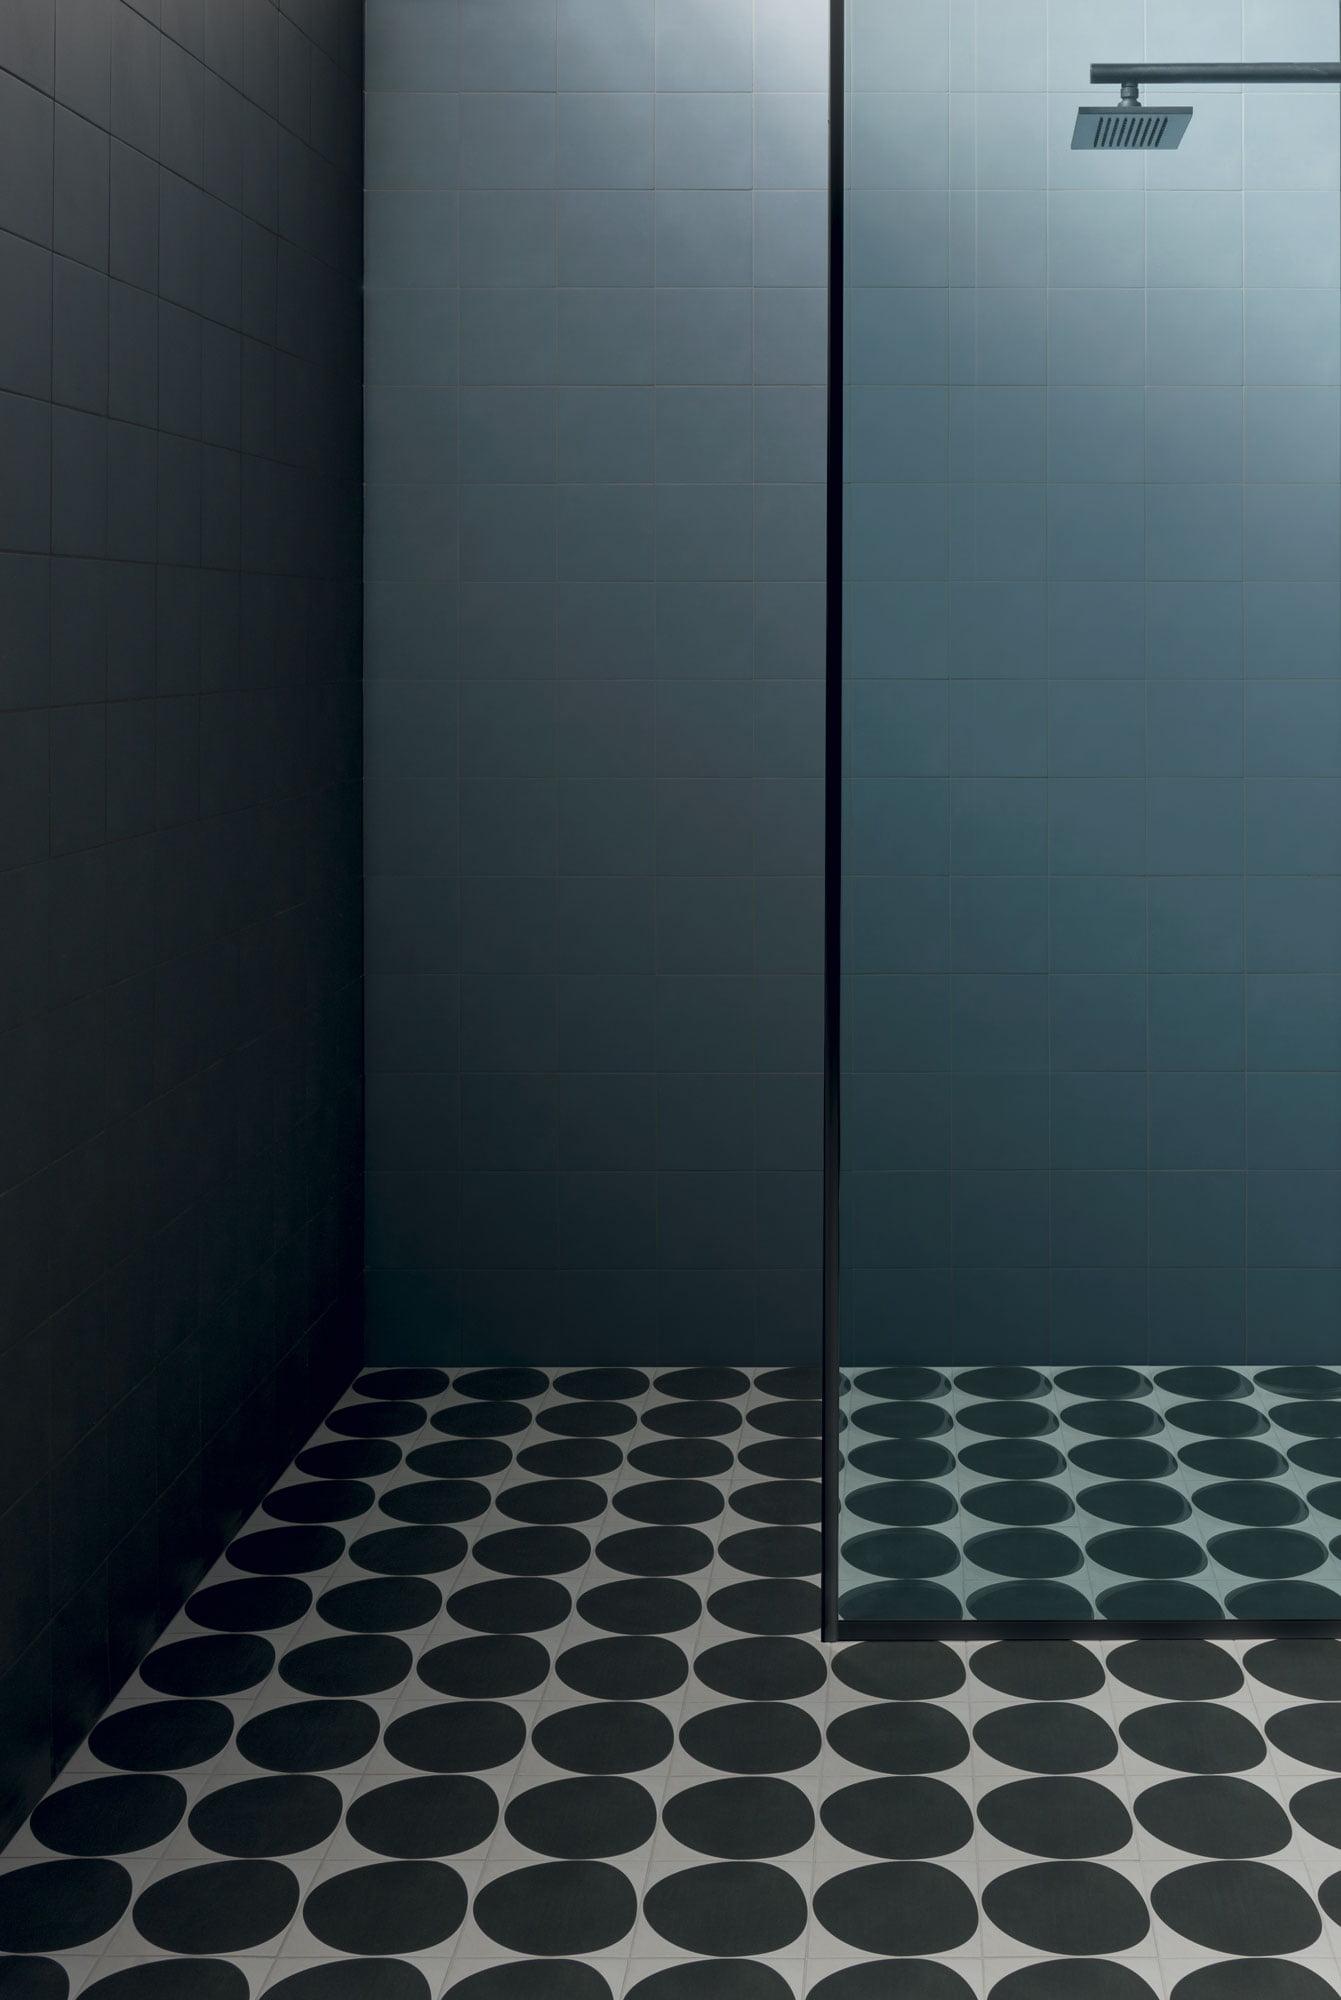 """Wall Futura Black / Futura Blue - Floor Futura Drop Black 15x15 6""""x6"""""""